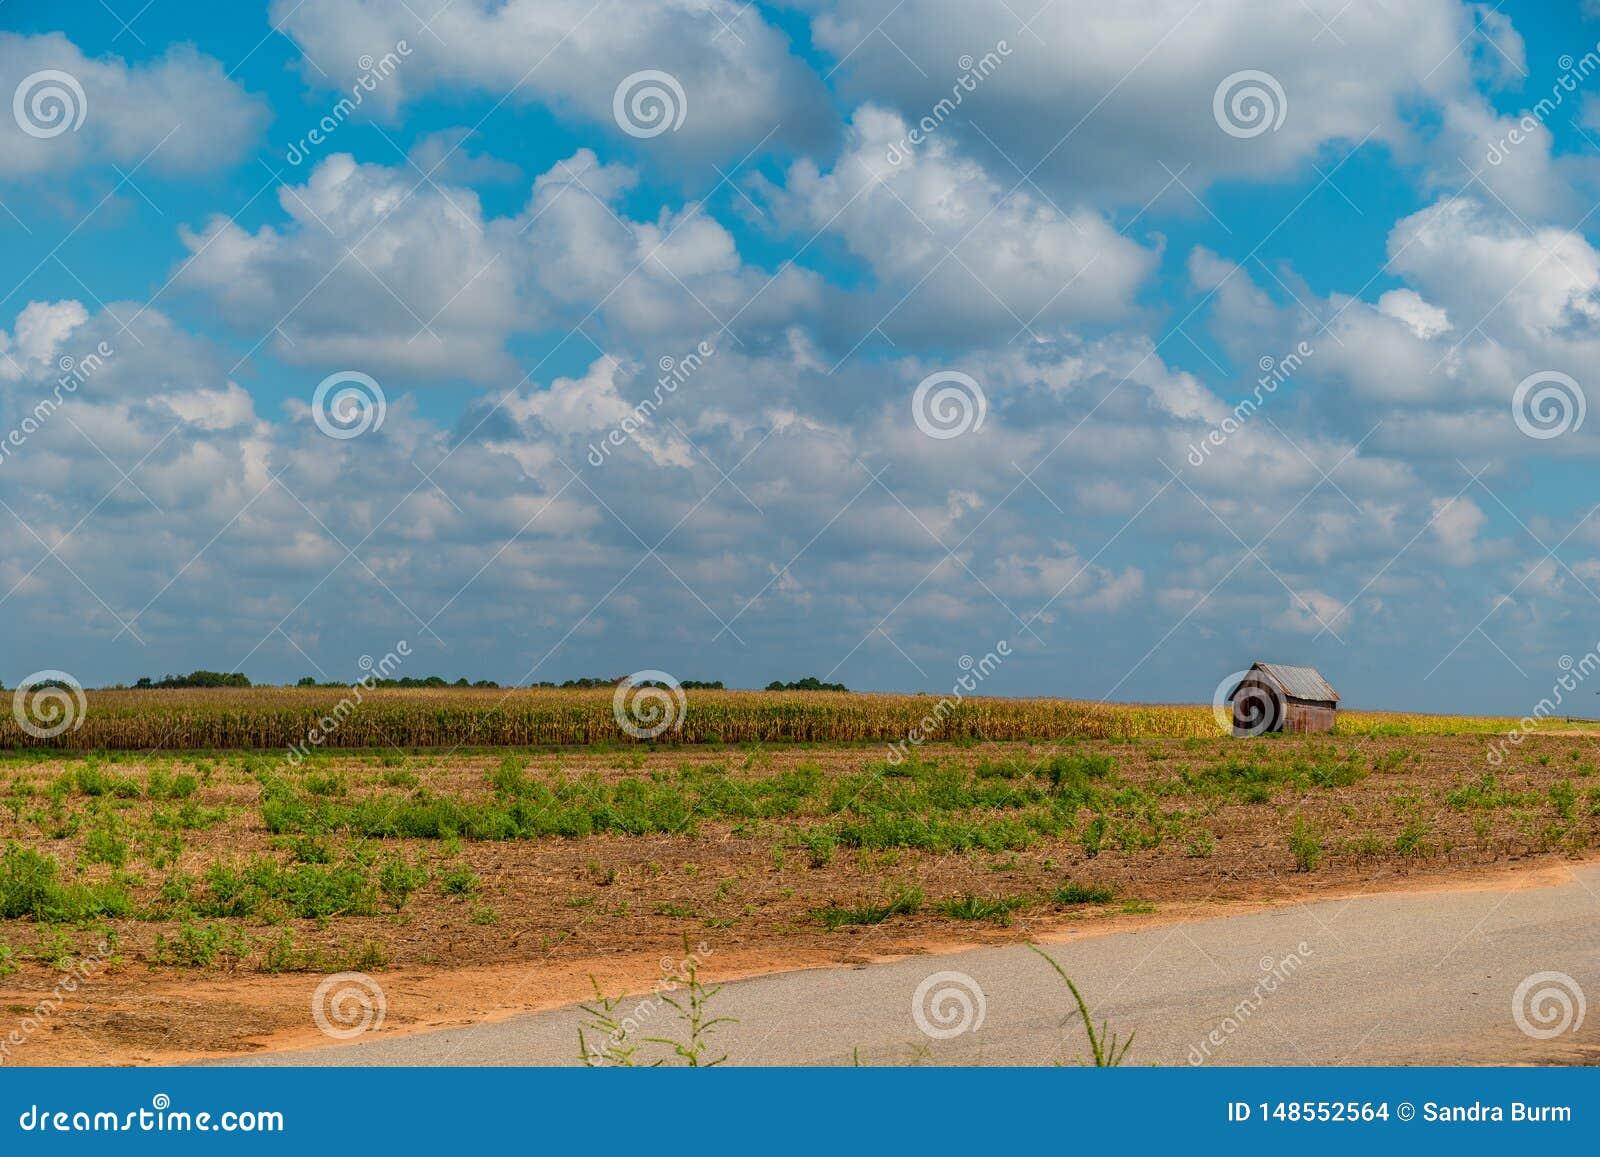 Сельские сельскохозяйственные угодья со структурой фермы